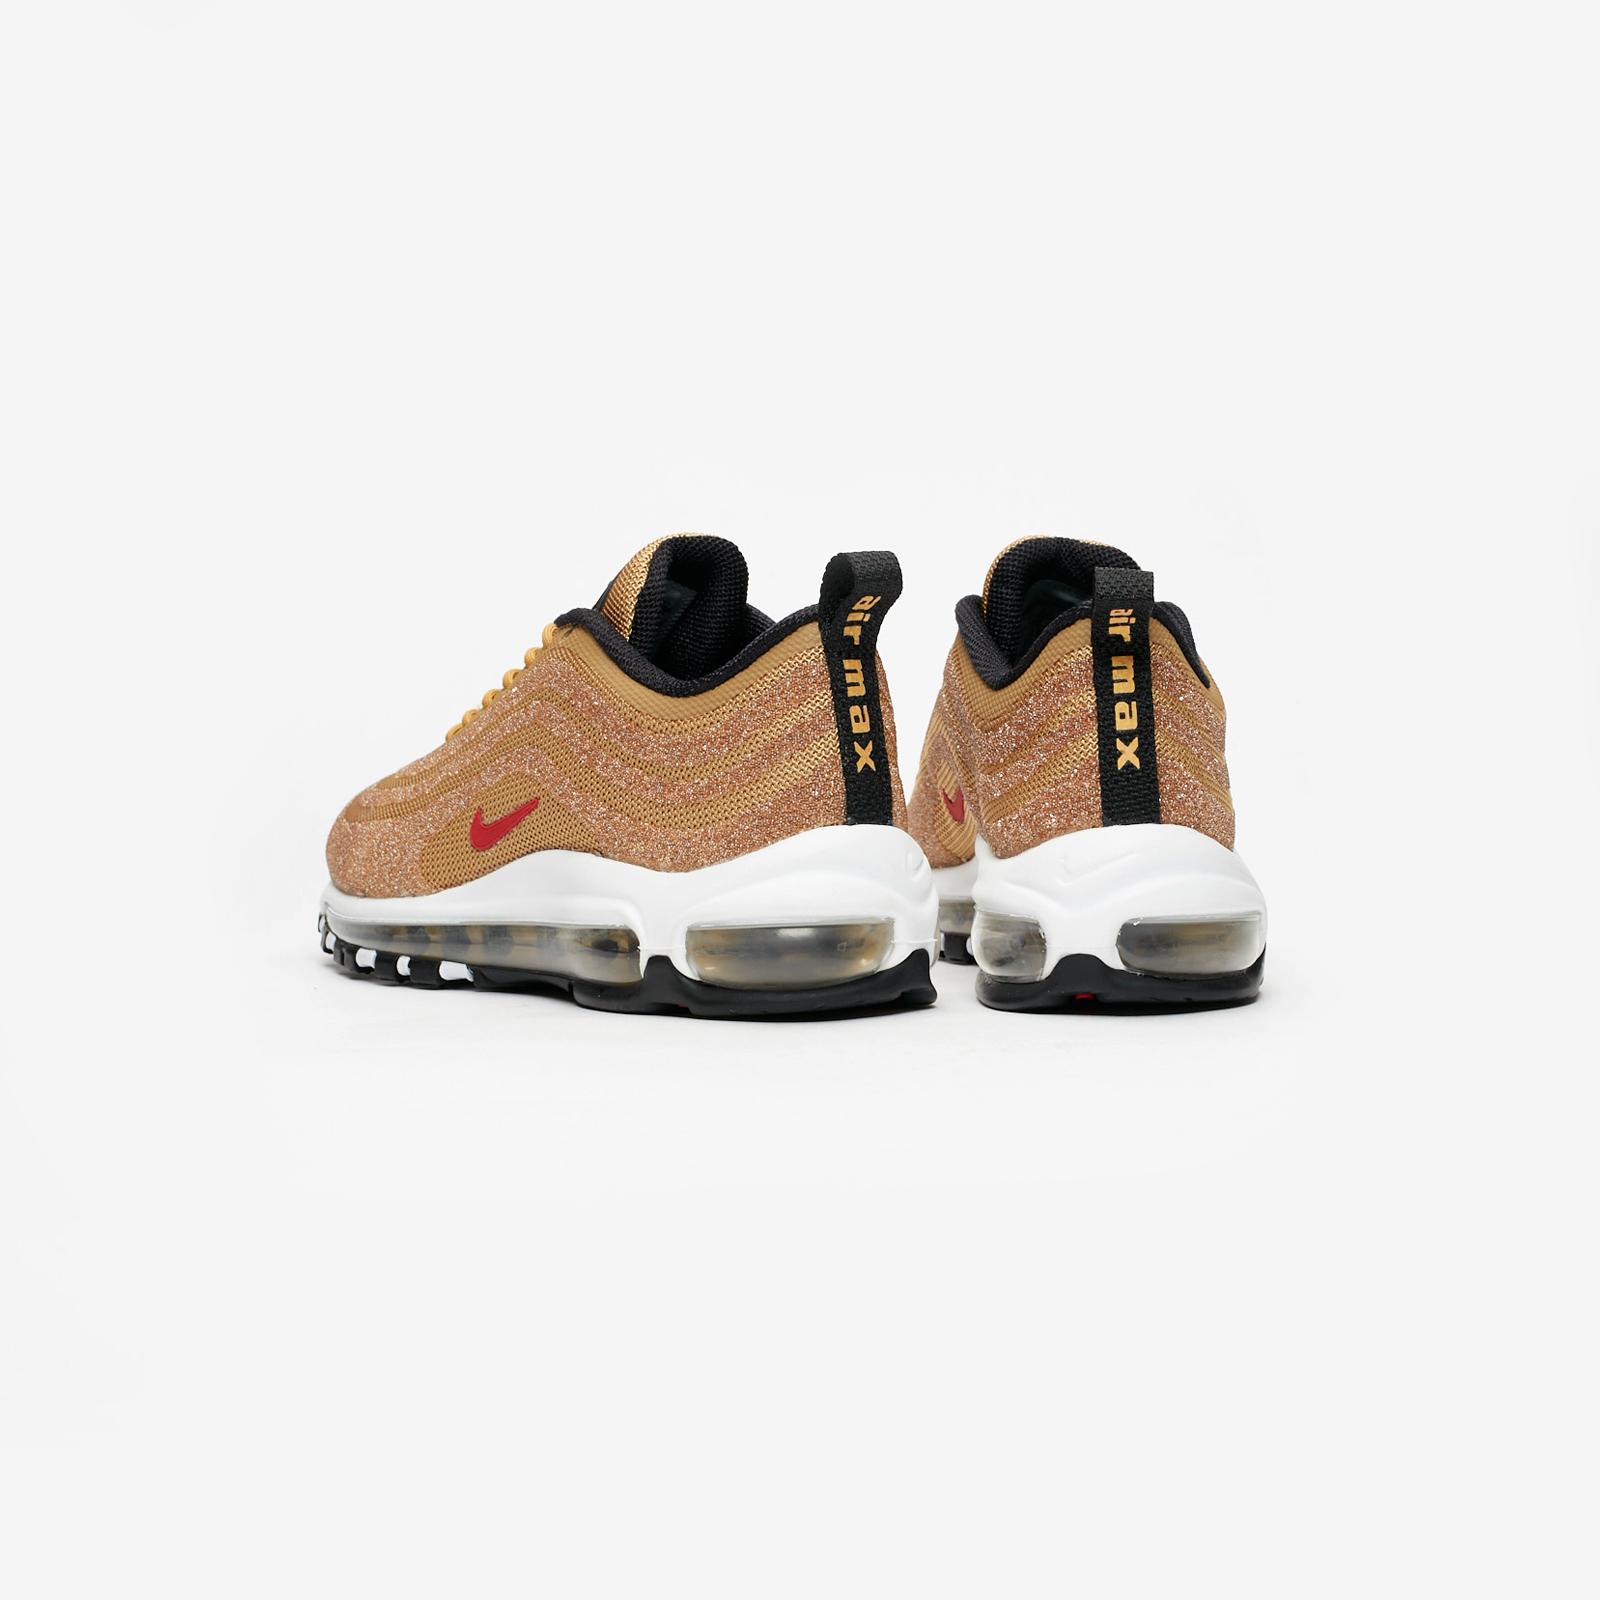 on sale 60973 d1e18 Nike W AIR MAX 97 LXX - 927508-700 - Sneakersnstuff   sneakers   streetwear  online since 1999